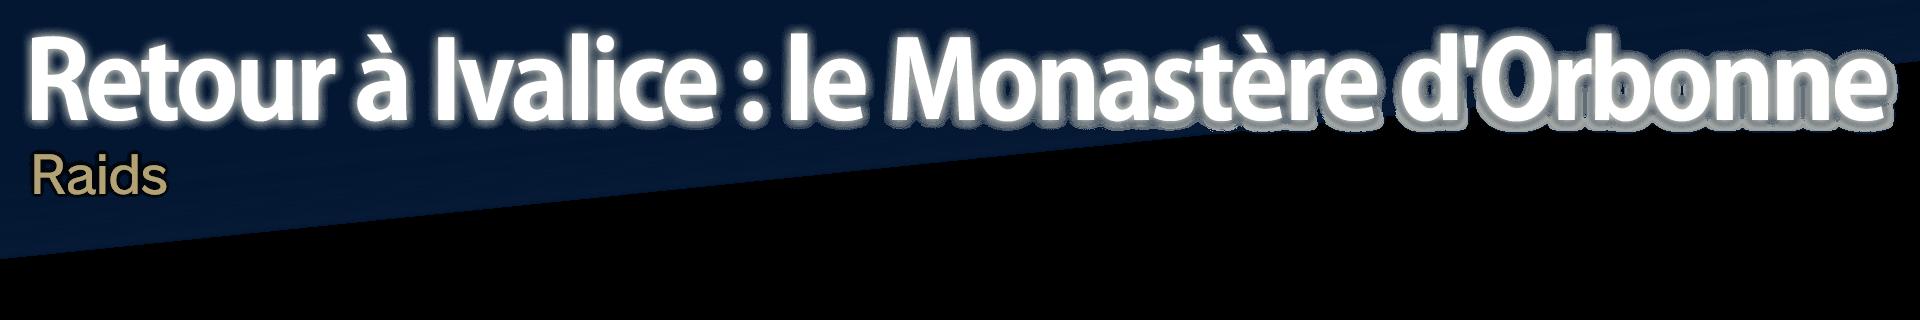 Retour à Ivalice : le Monastère d'Orbonne Raid